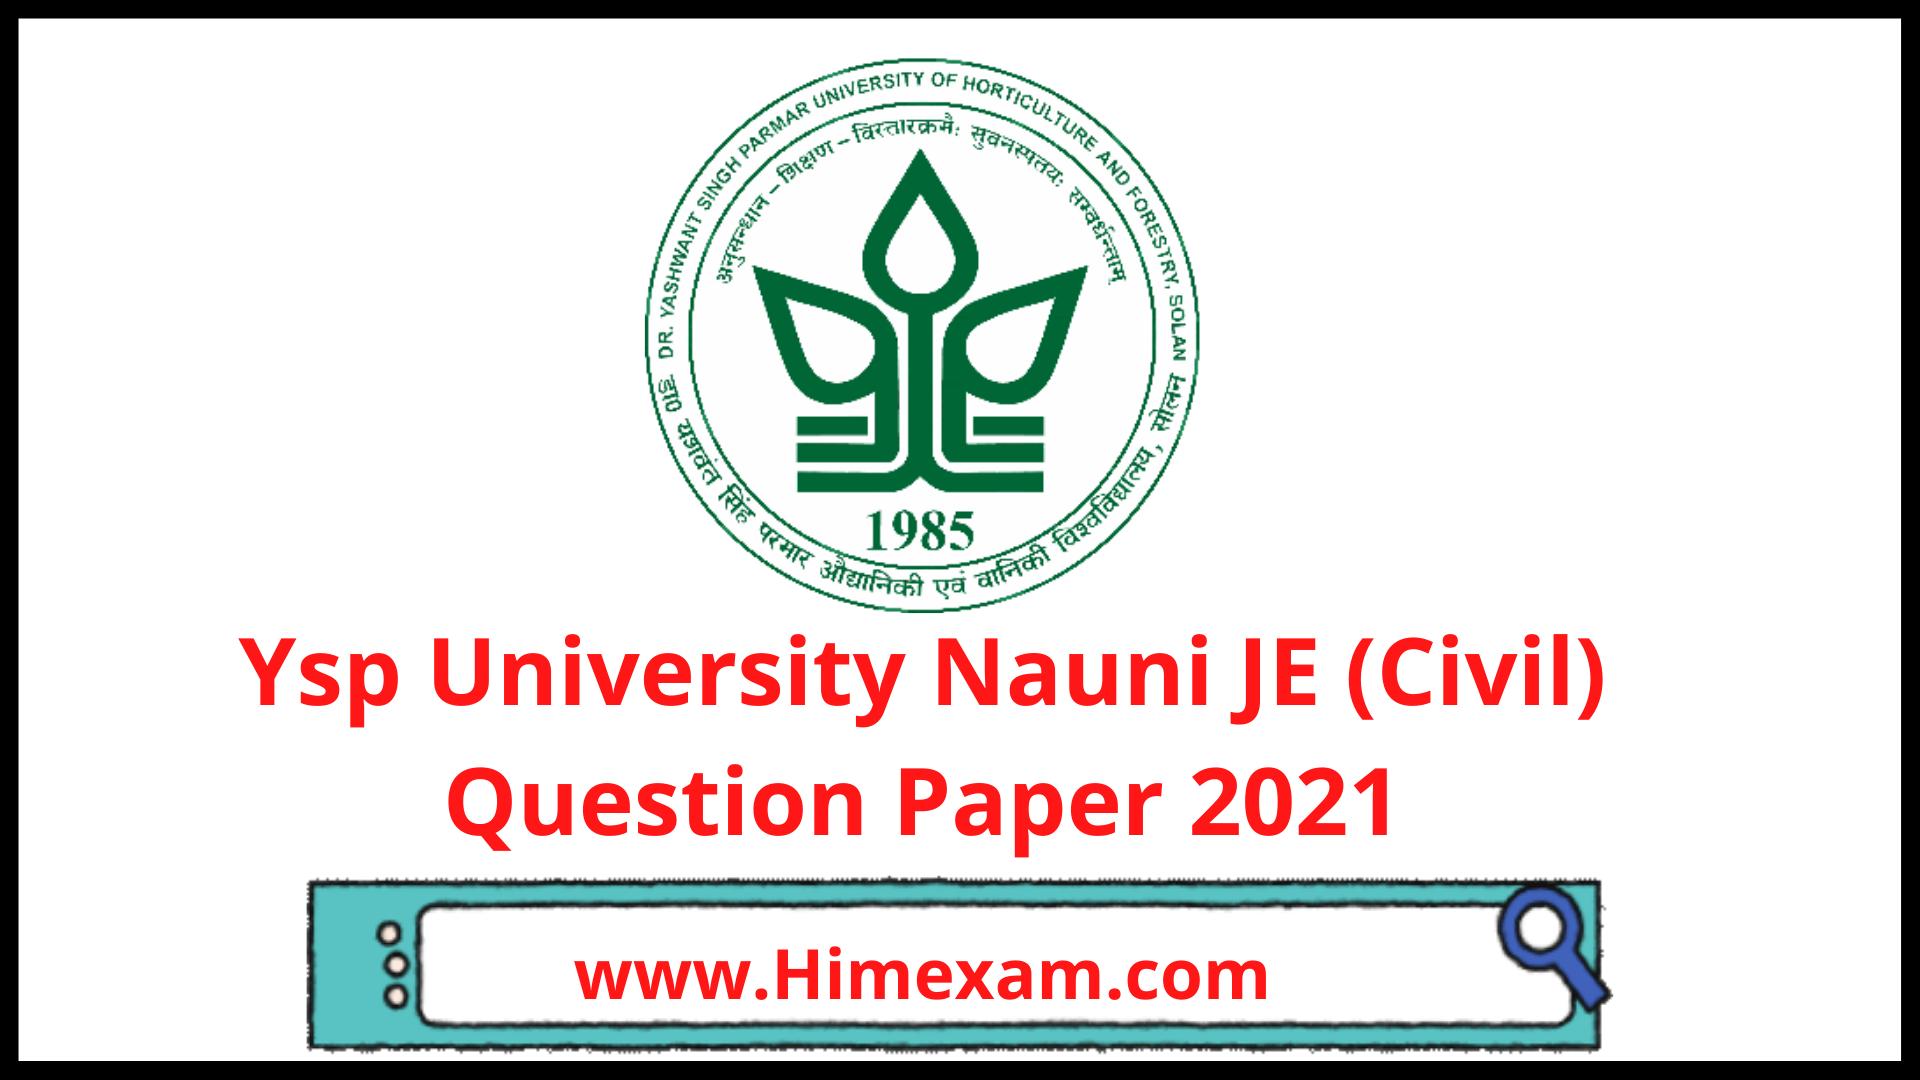 Ysp University Nauni JE (Civil) Question Paper 2021